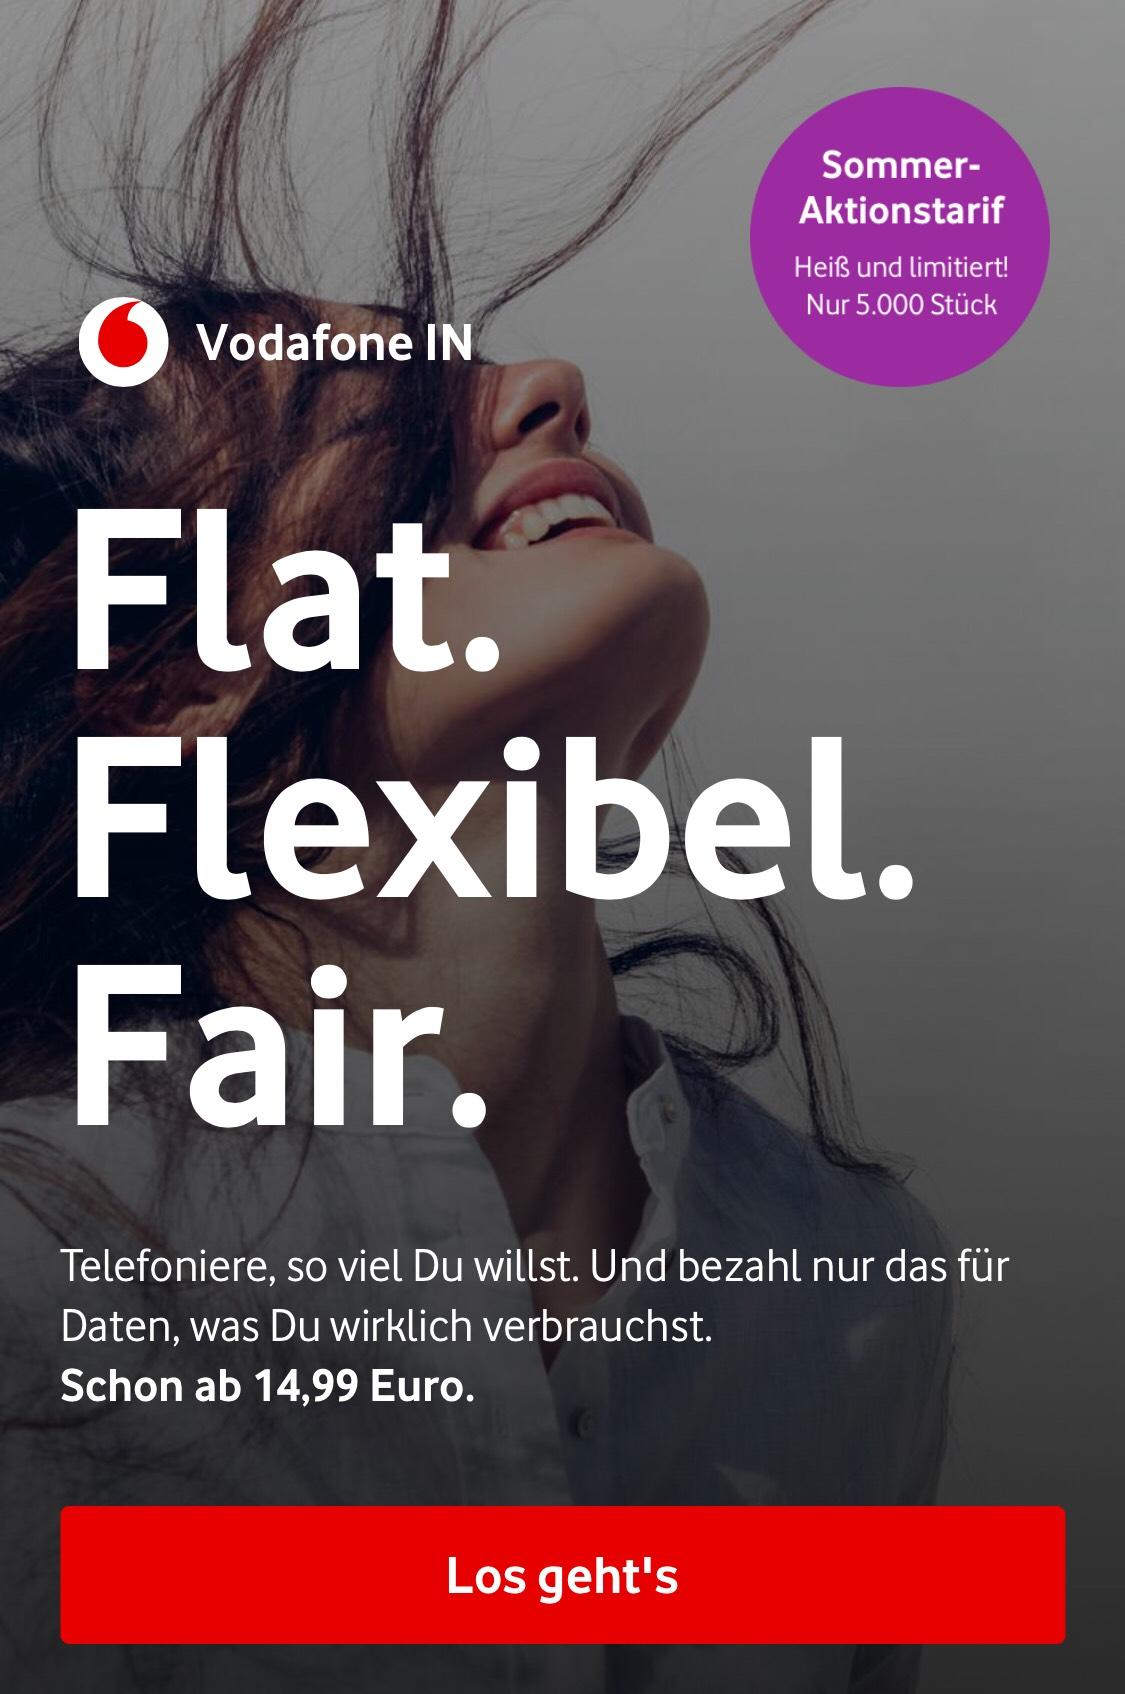 Vodafone IN 14,99€/Mon Allnet Flat 1GB 24Monate MVL jedes halbe GB 1€!!!